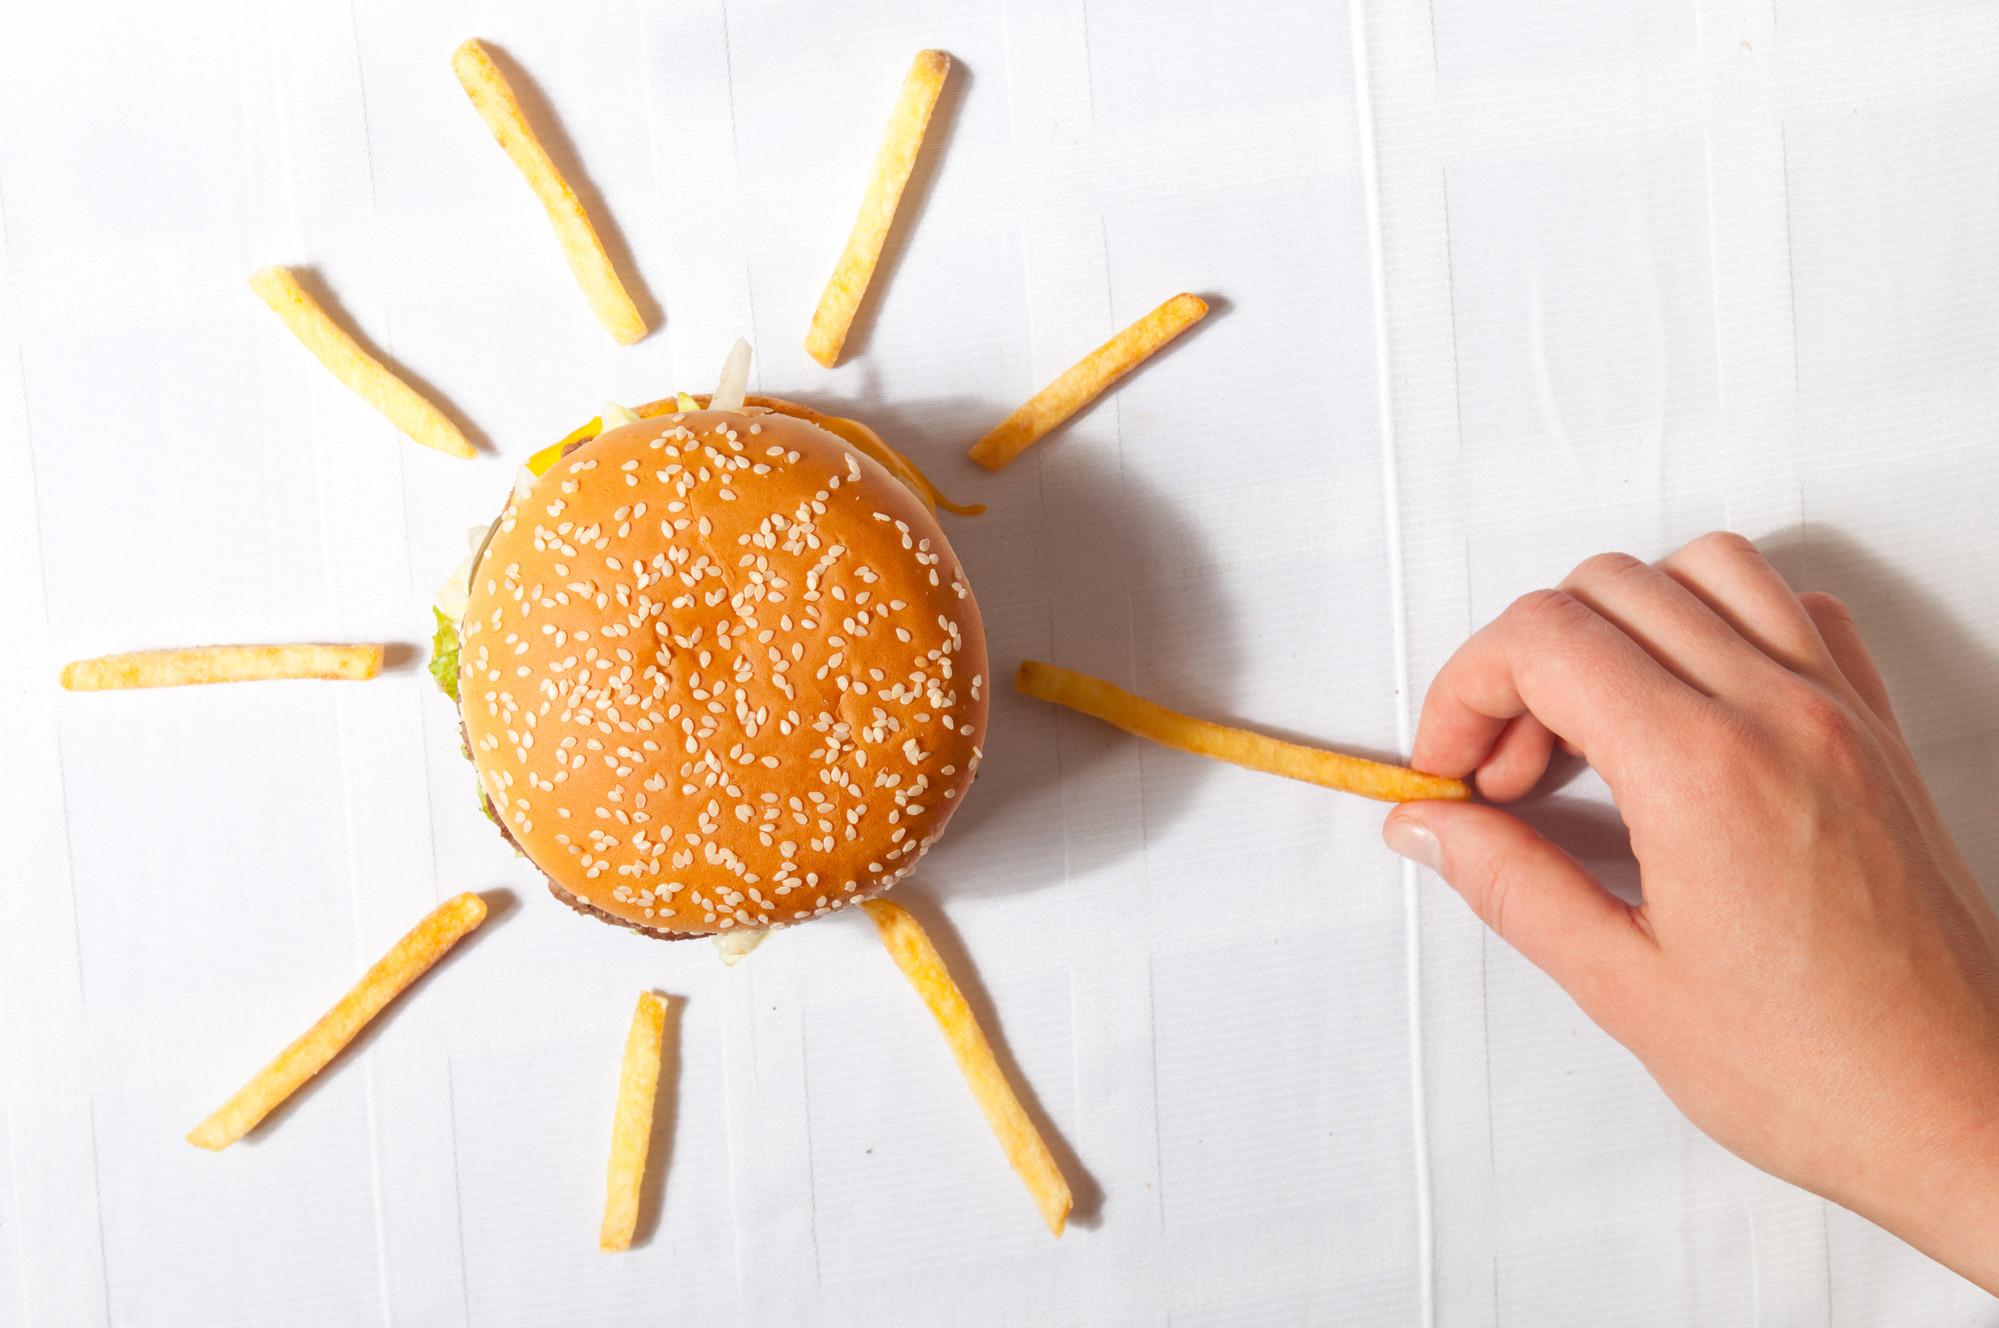 Еда будущего: чем будут питаться люди через 40 лет